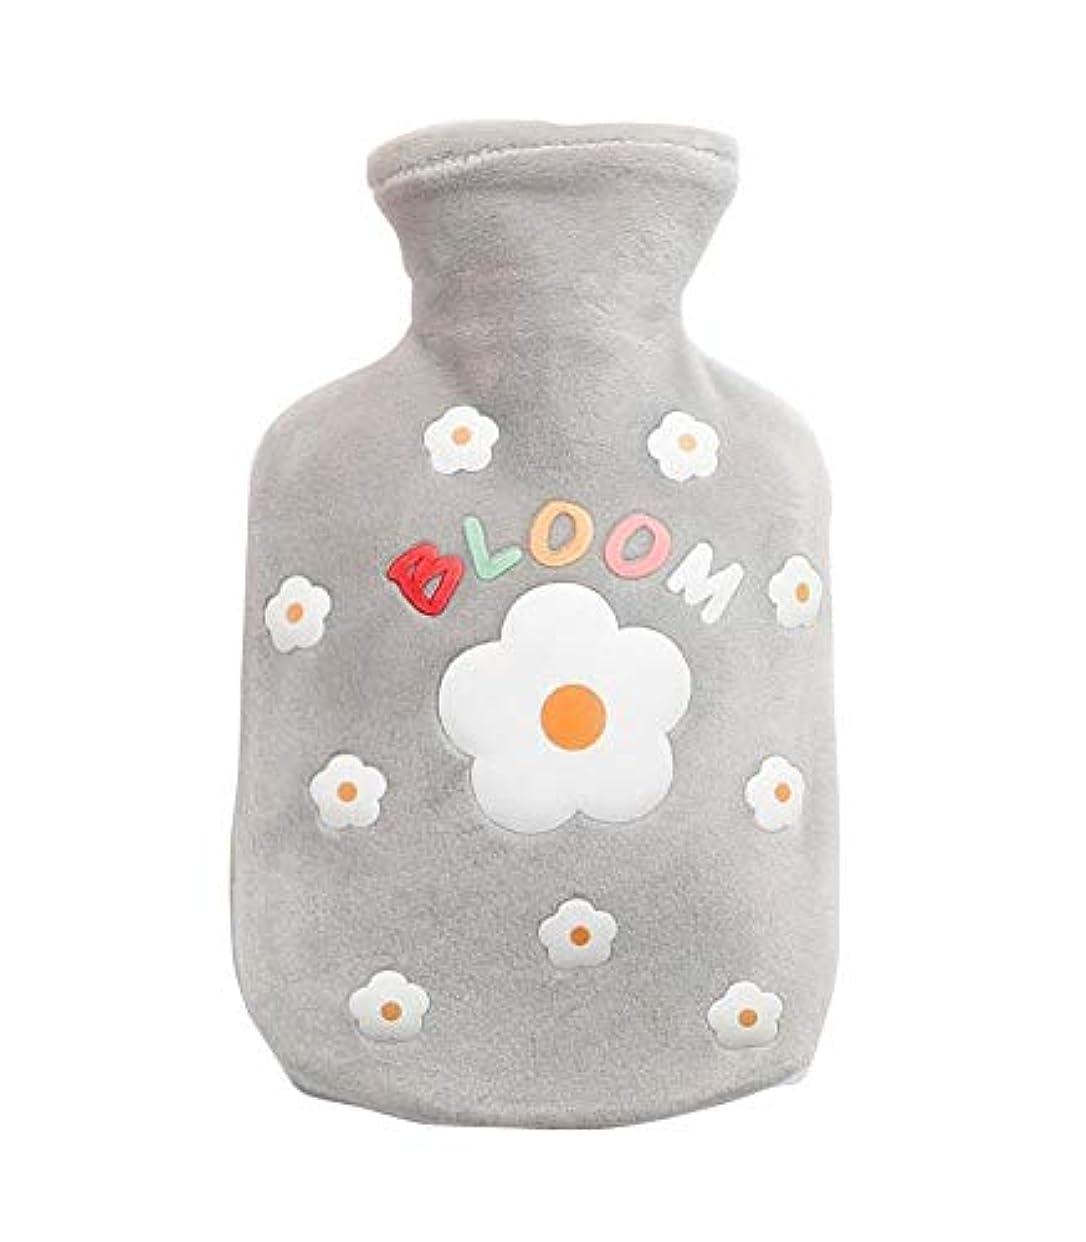 天動員する付添人350 ML かわいいミニ湯たんぽ冬は暖かい湯たんぽを保つ A06